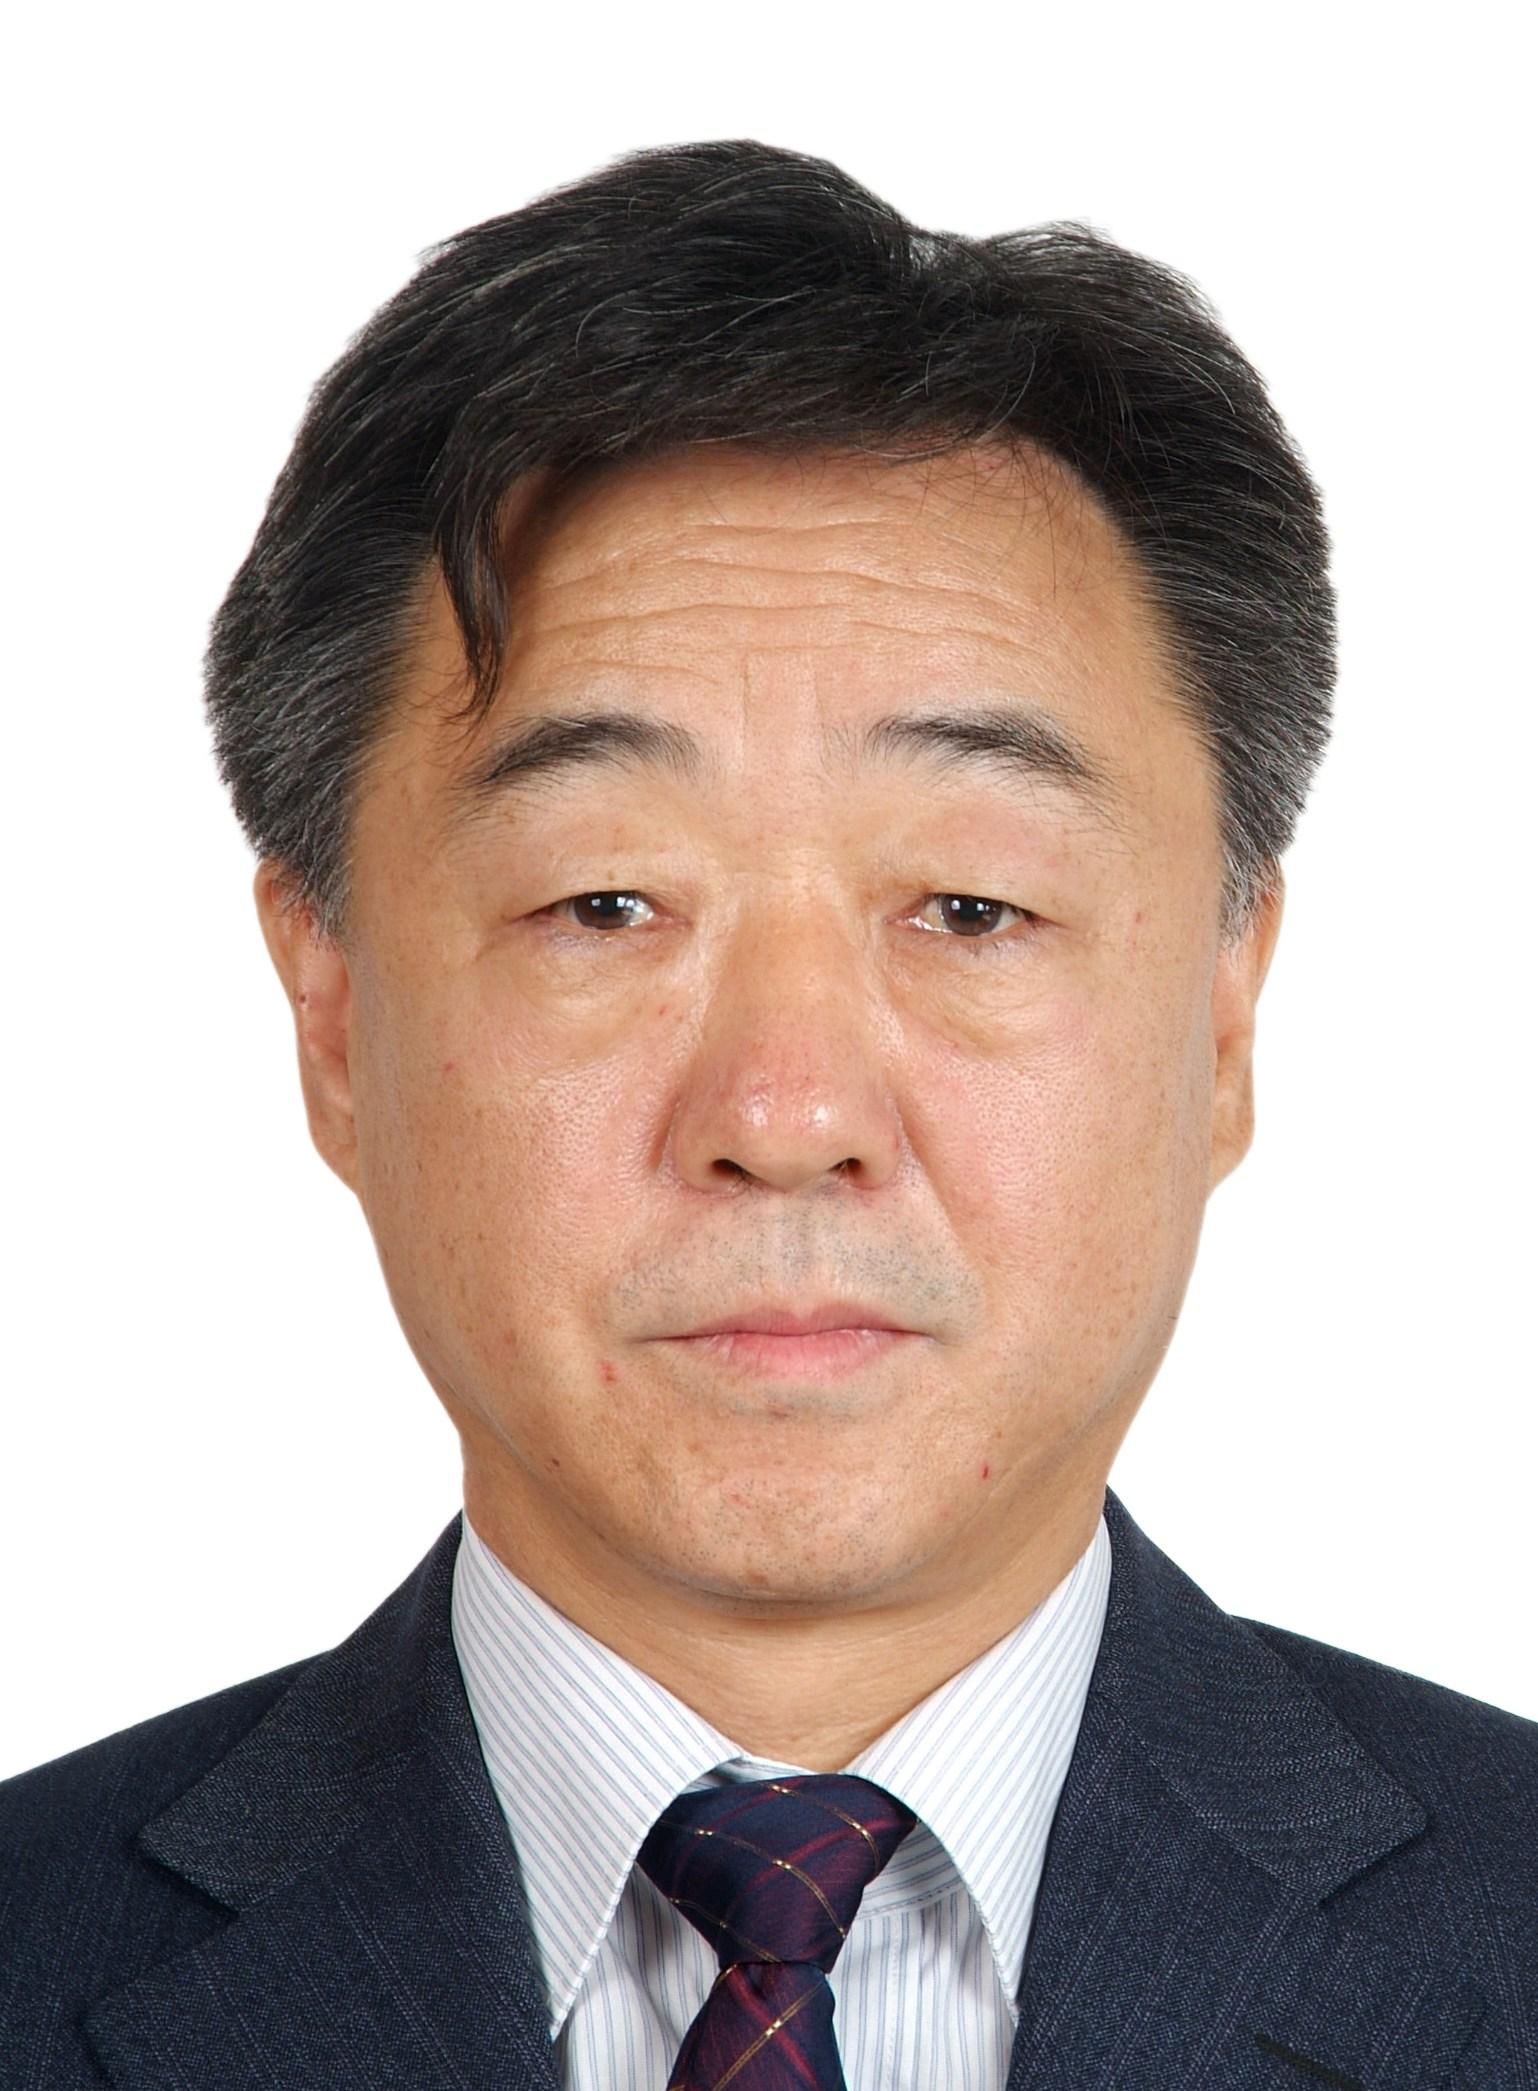 交通运输部科学研究院副院长、党委委员 赵之忠